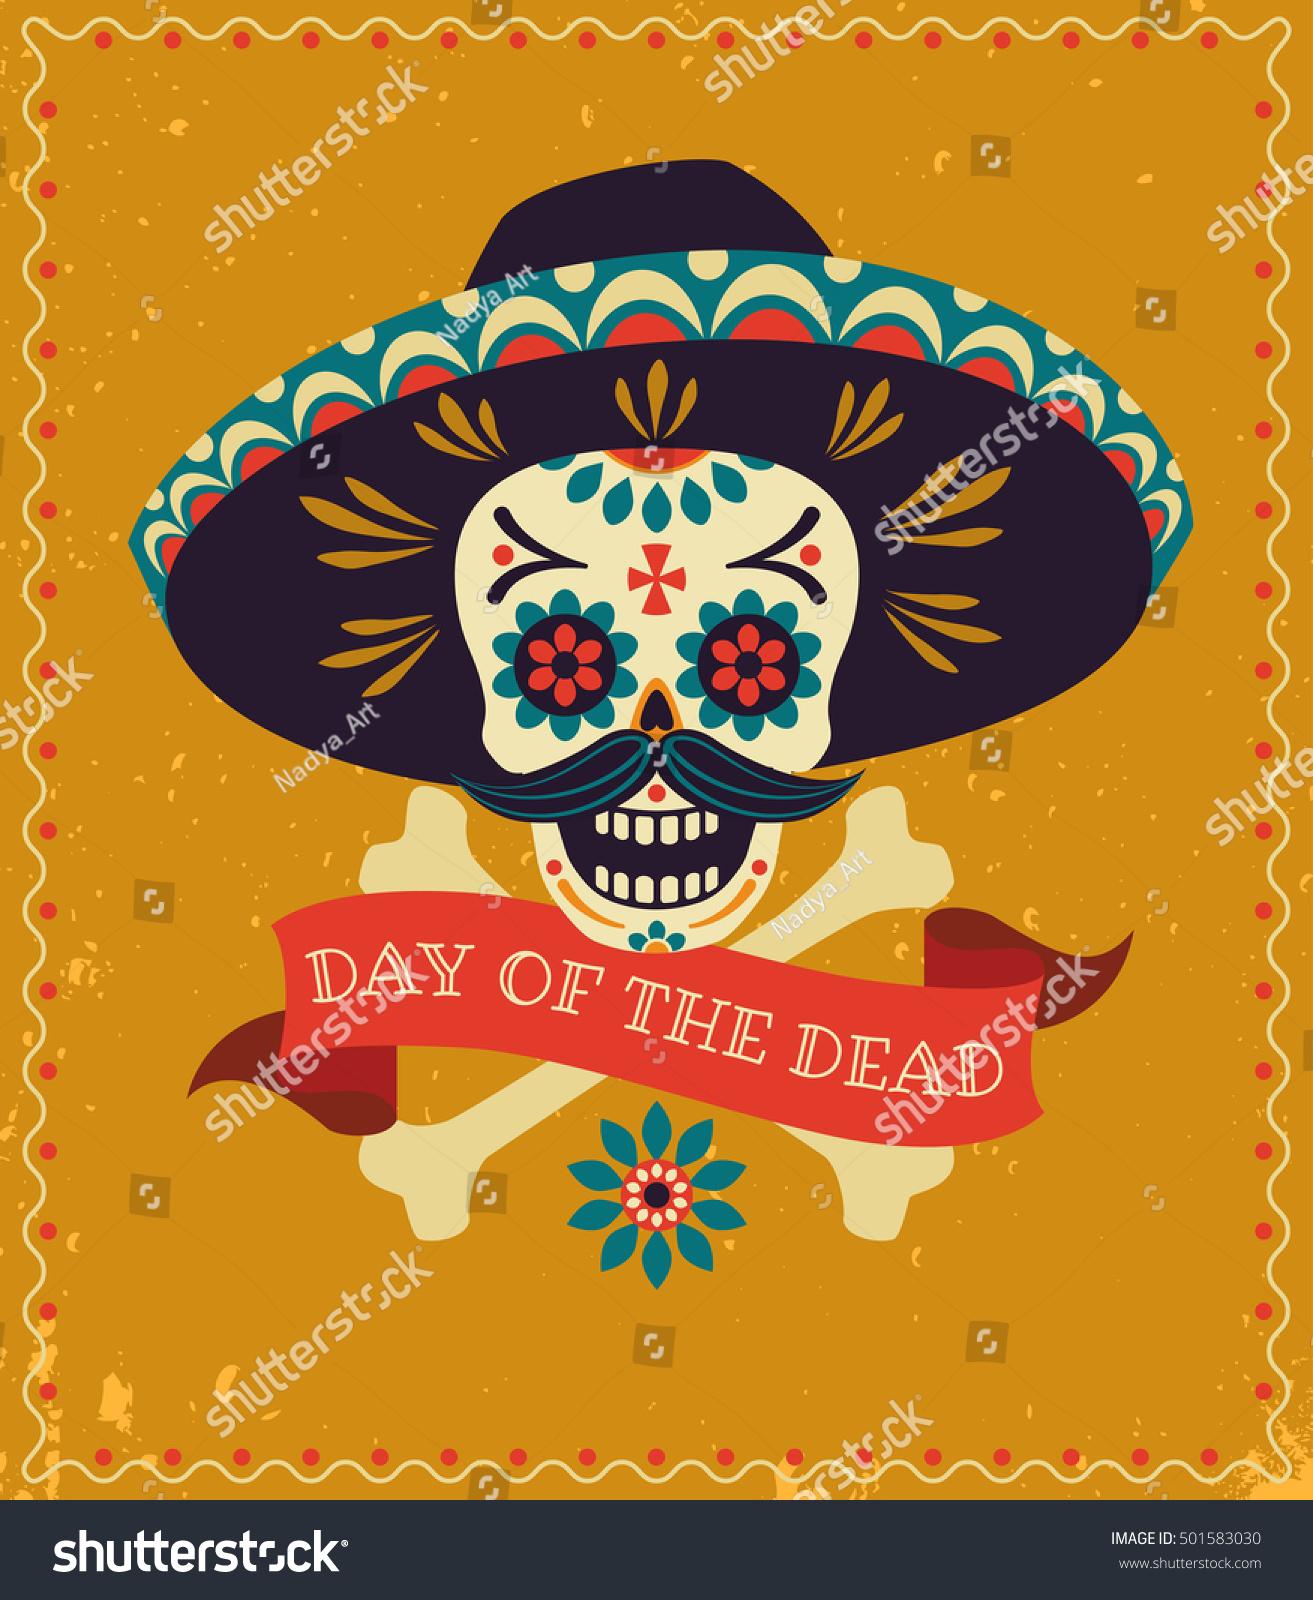 Dia De Los Muertos Day Dead Stock Vector (Royalty Free) 501583030 ...